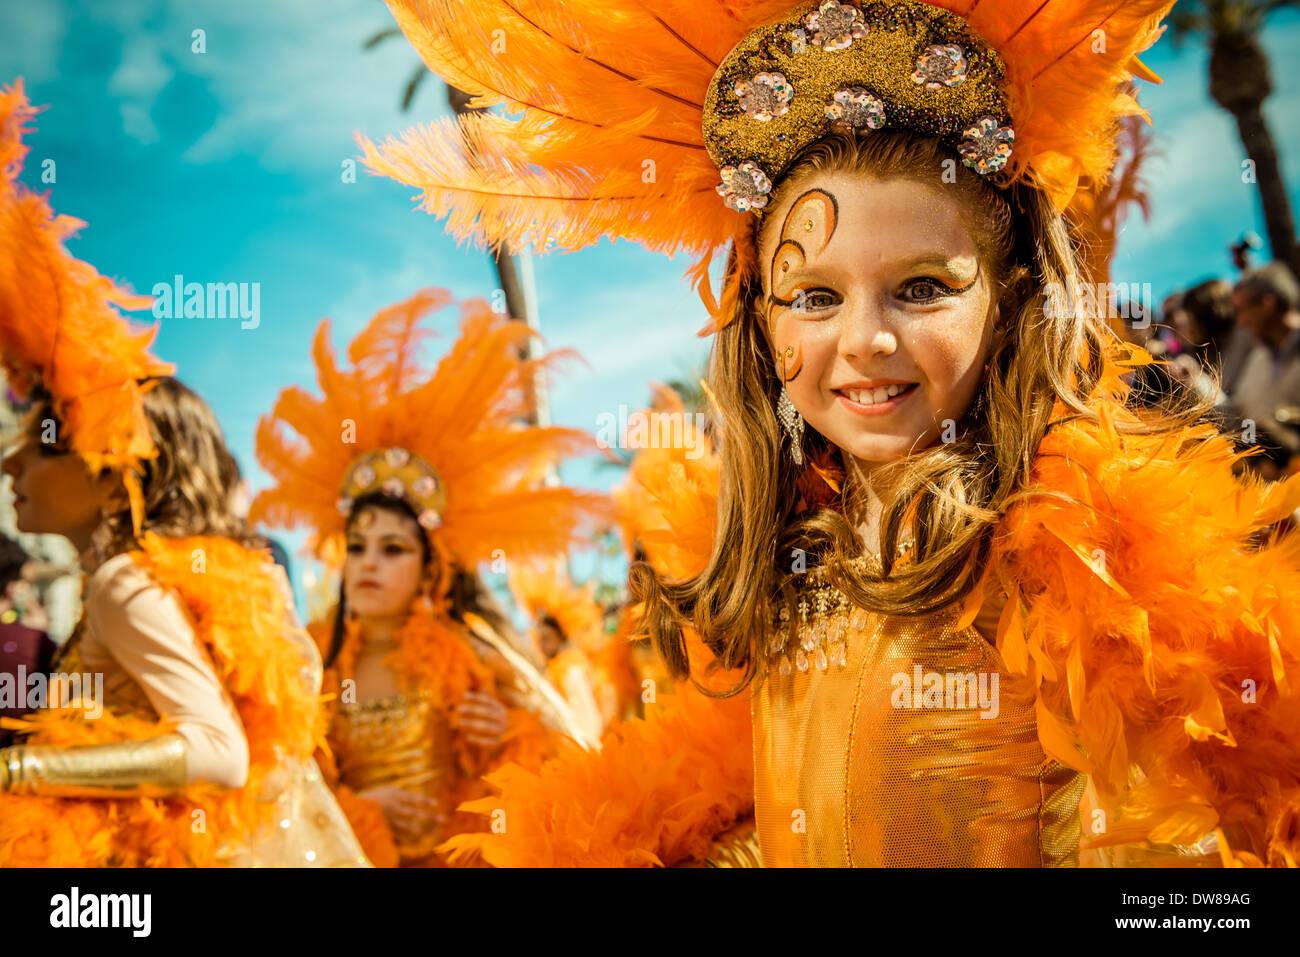 Sitges, Espagne. 2 mars 2014: les enfants au cours de la danse des fêtards de la parade de dimanche défilé de carnaval des enfants à Sitges: Crédit matthi/Alamy Live News Photo Stock